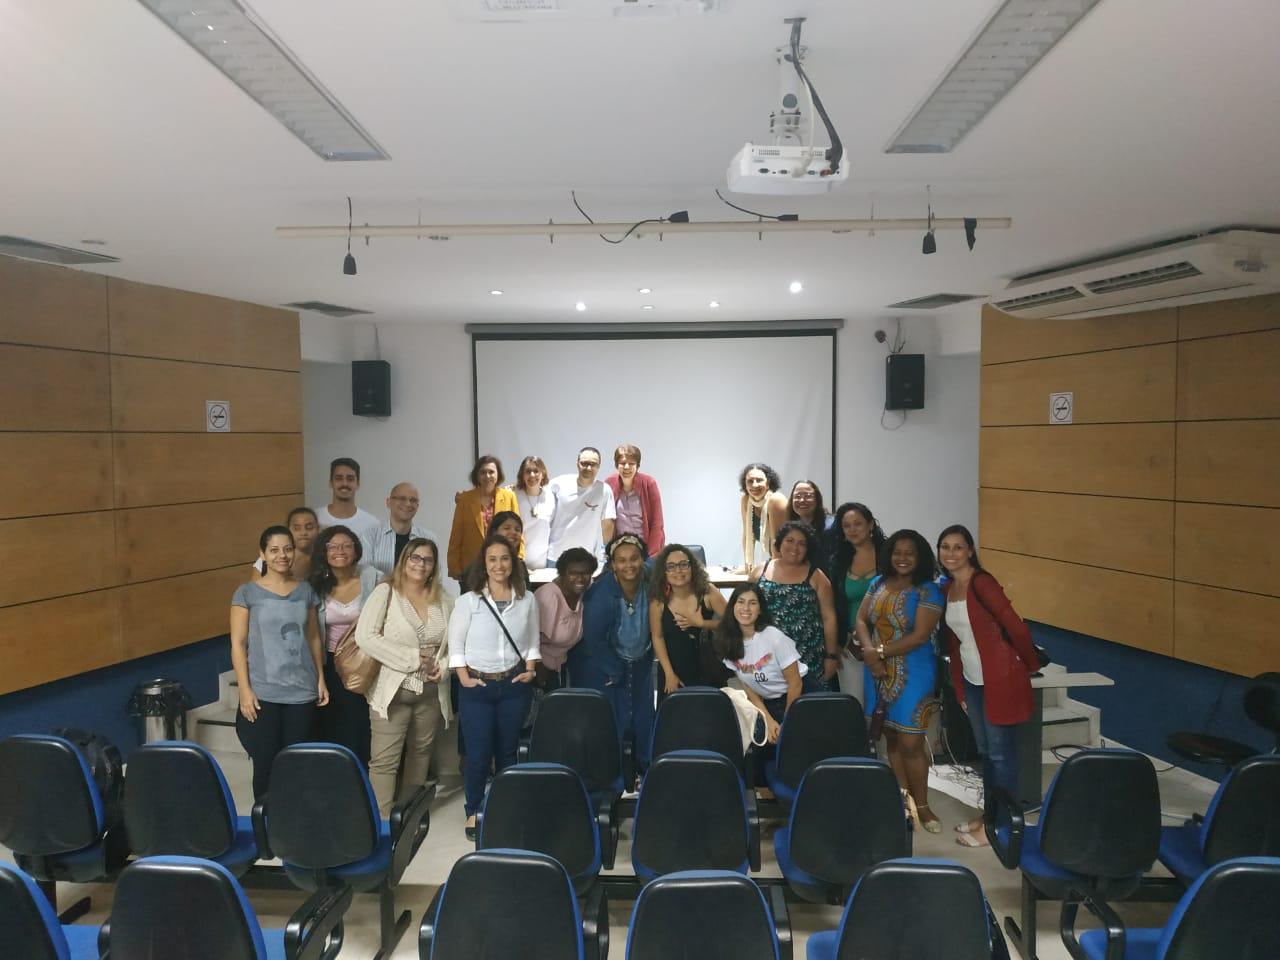 Palestrantes e público se juntam para uma foto ao final da conversa (Foto: Pedro H C Edu)